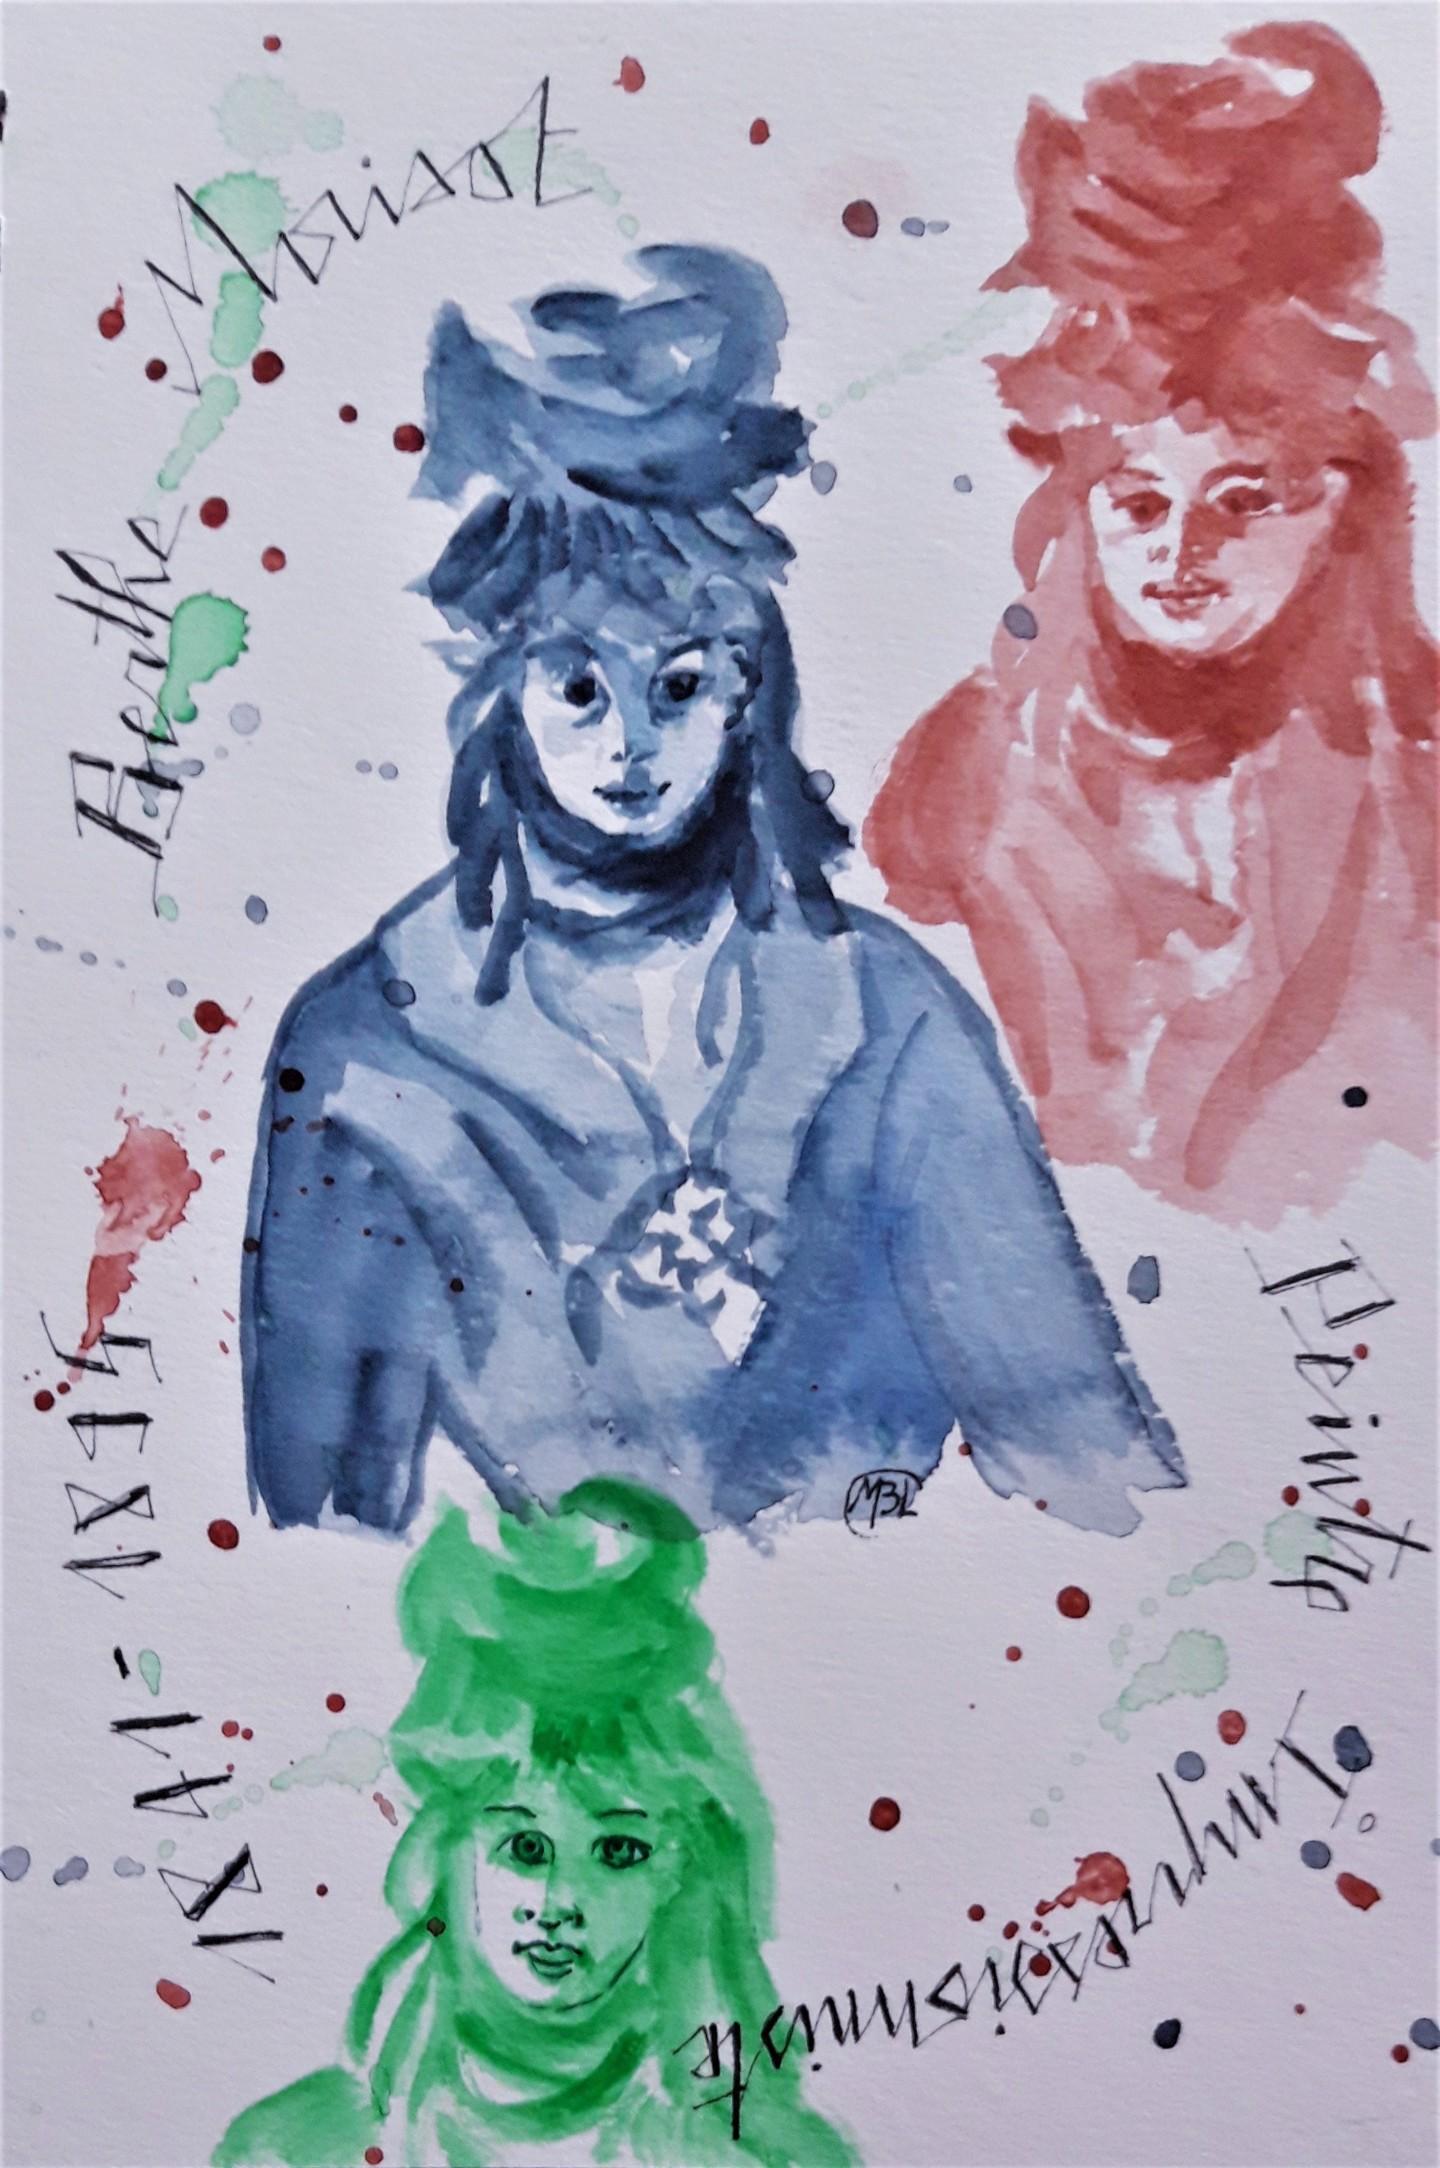 Brigitte Mathé (MBL) - Berthe Morisot 2